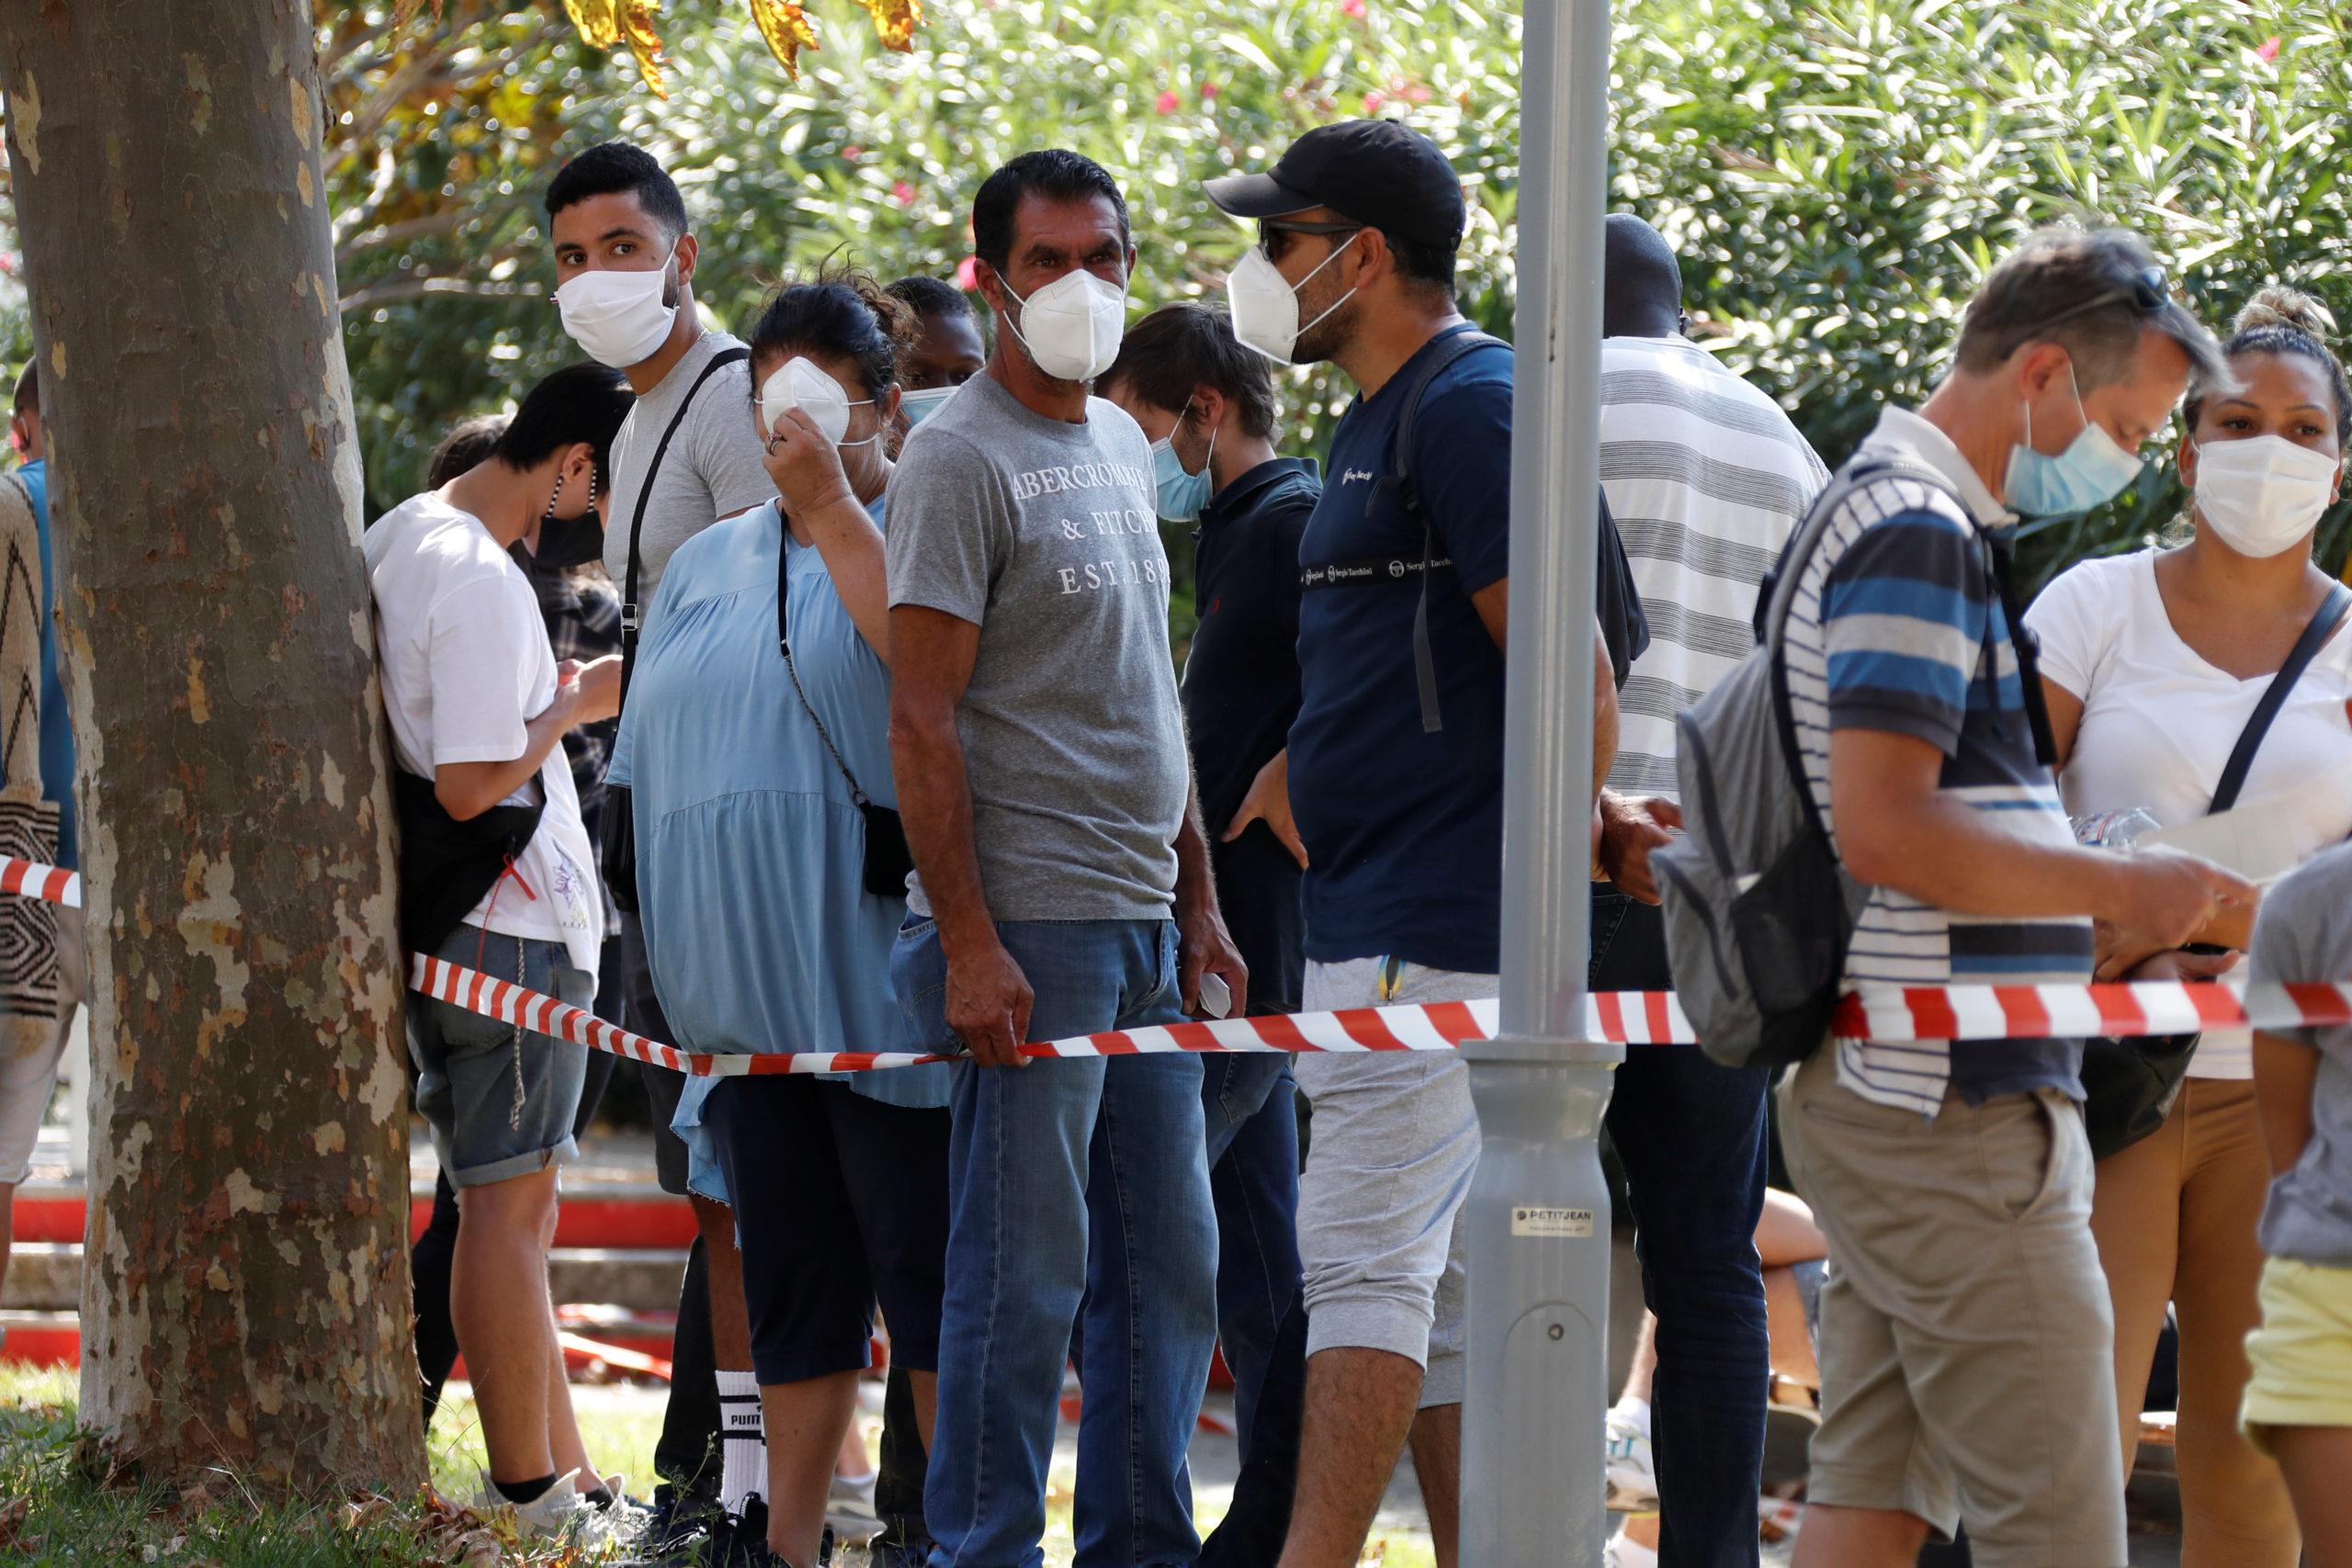 Coronavirus: 10.593 nouveaux cas en France, record quotidien